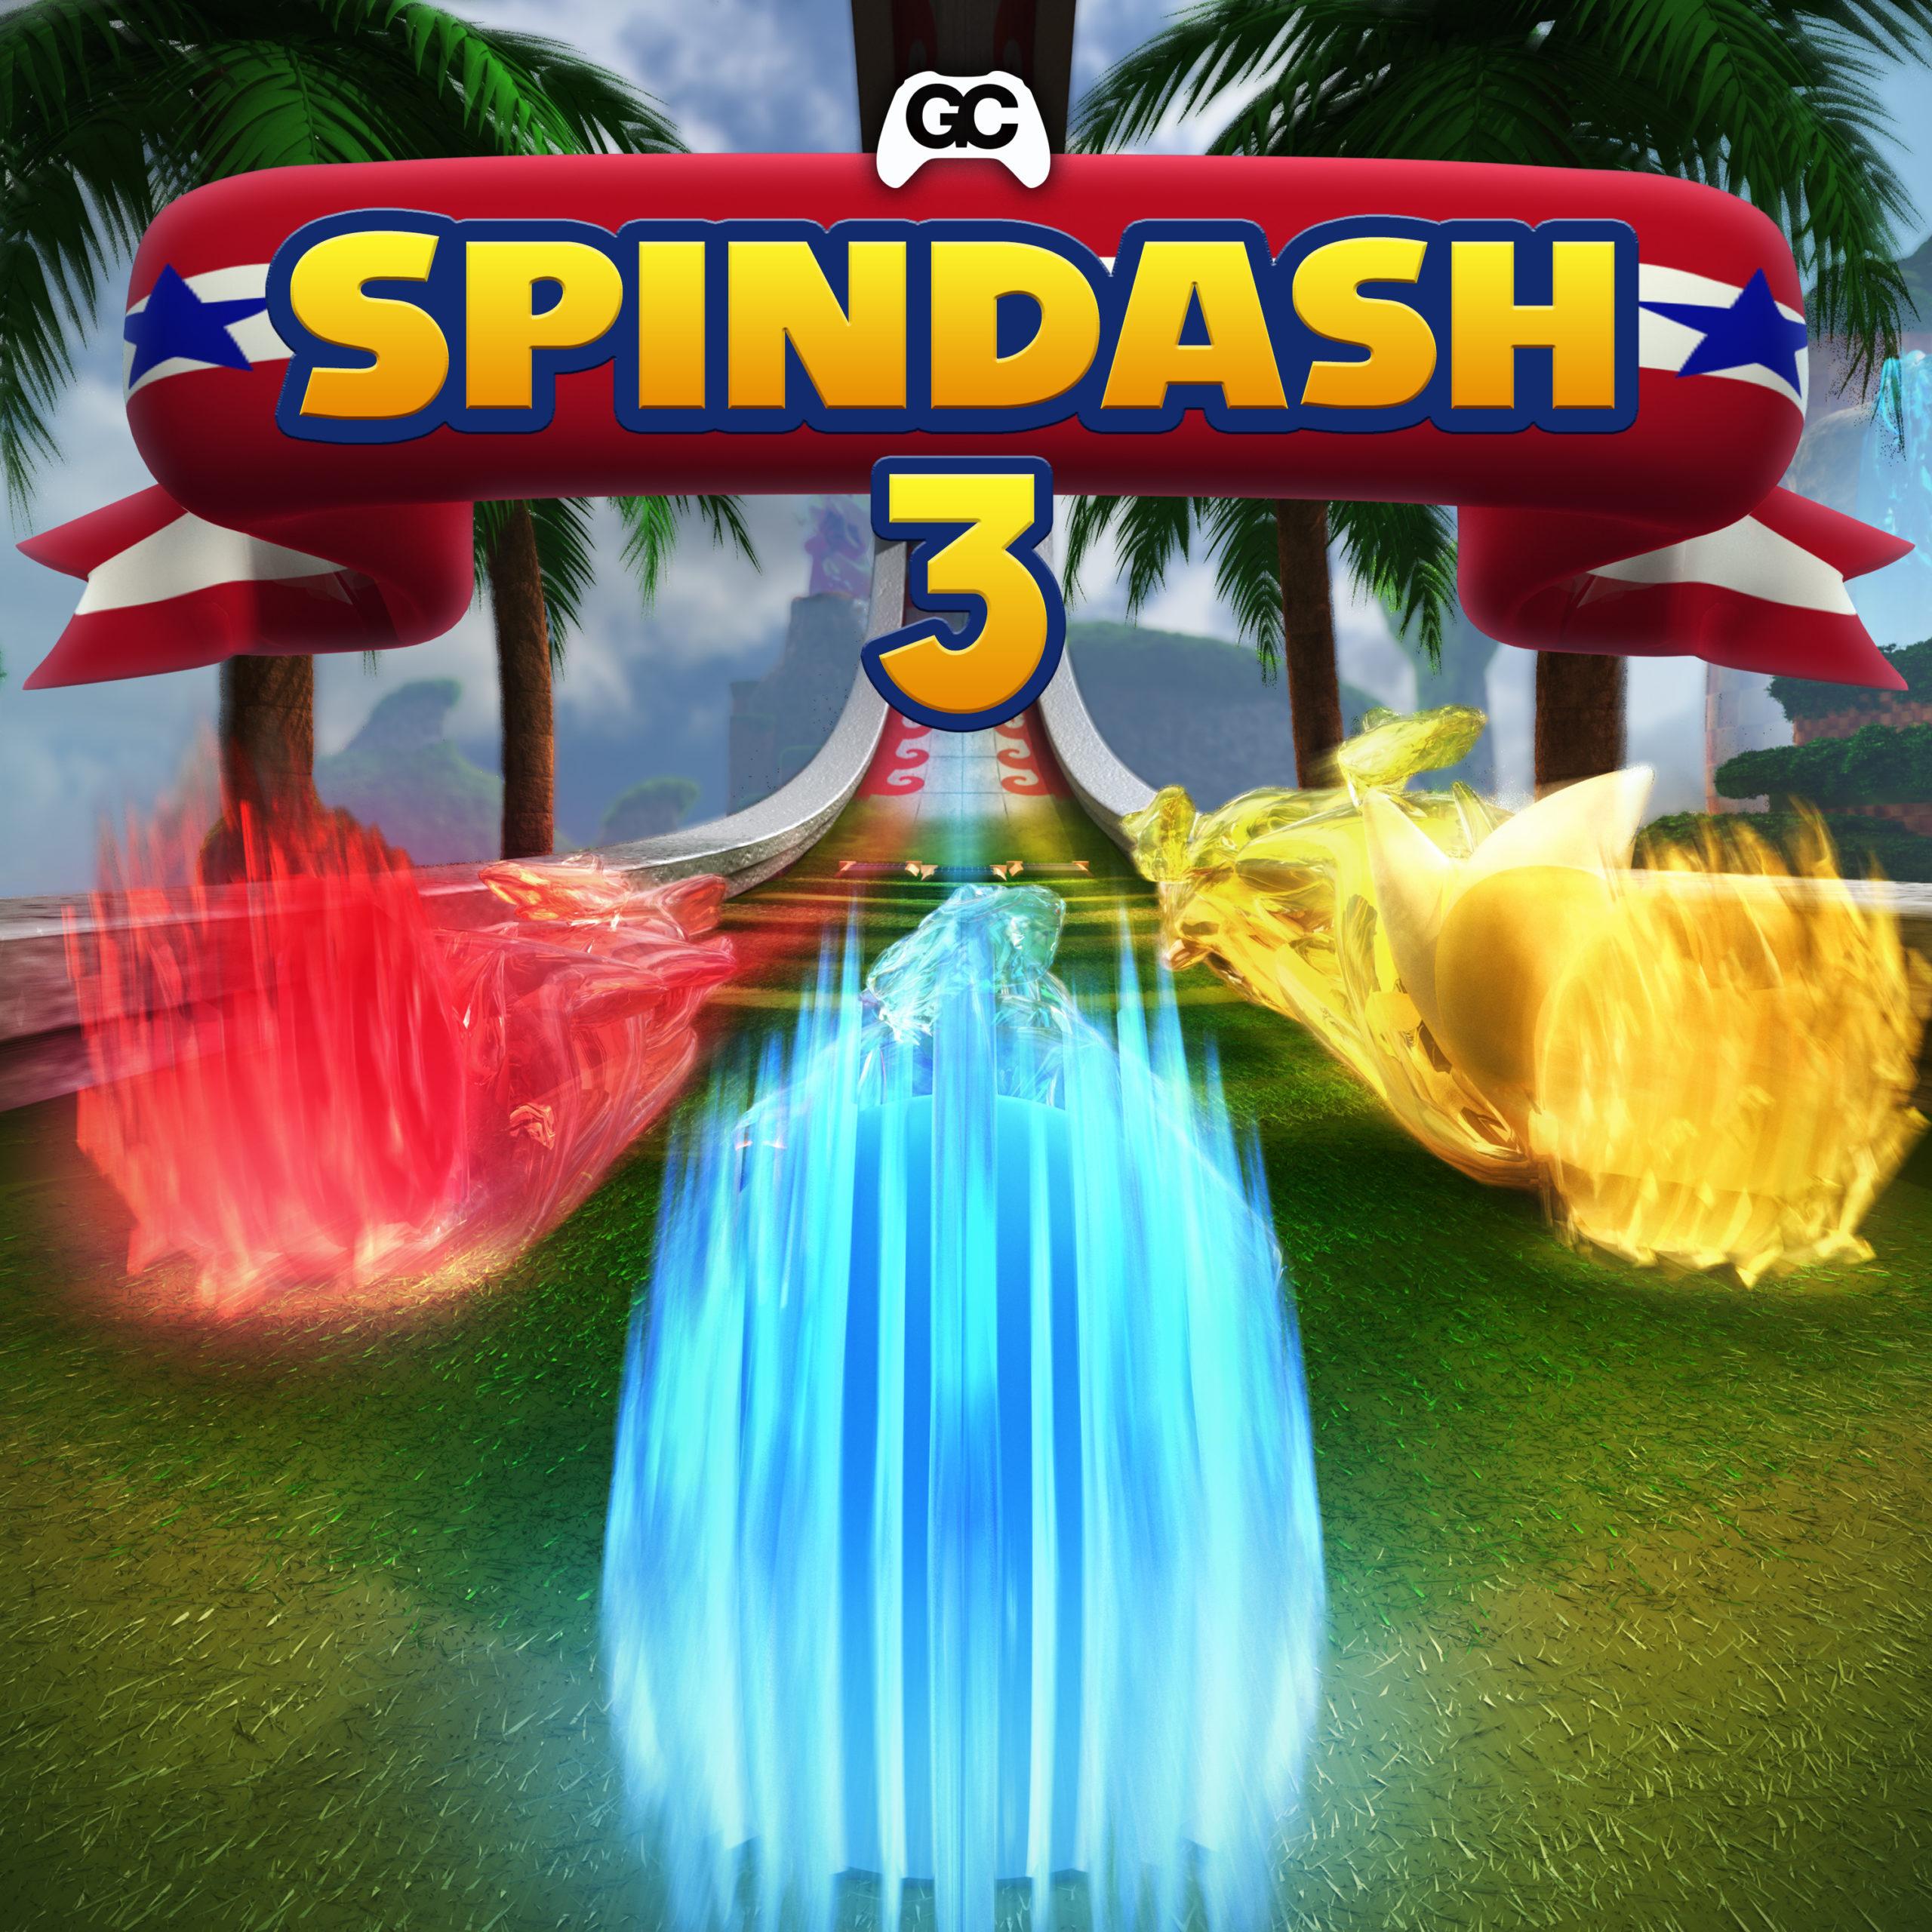 Spindash 3